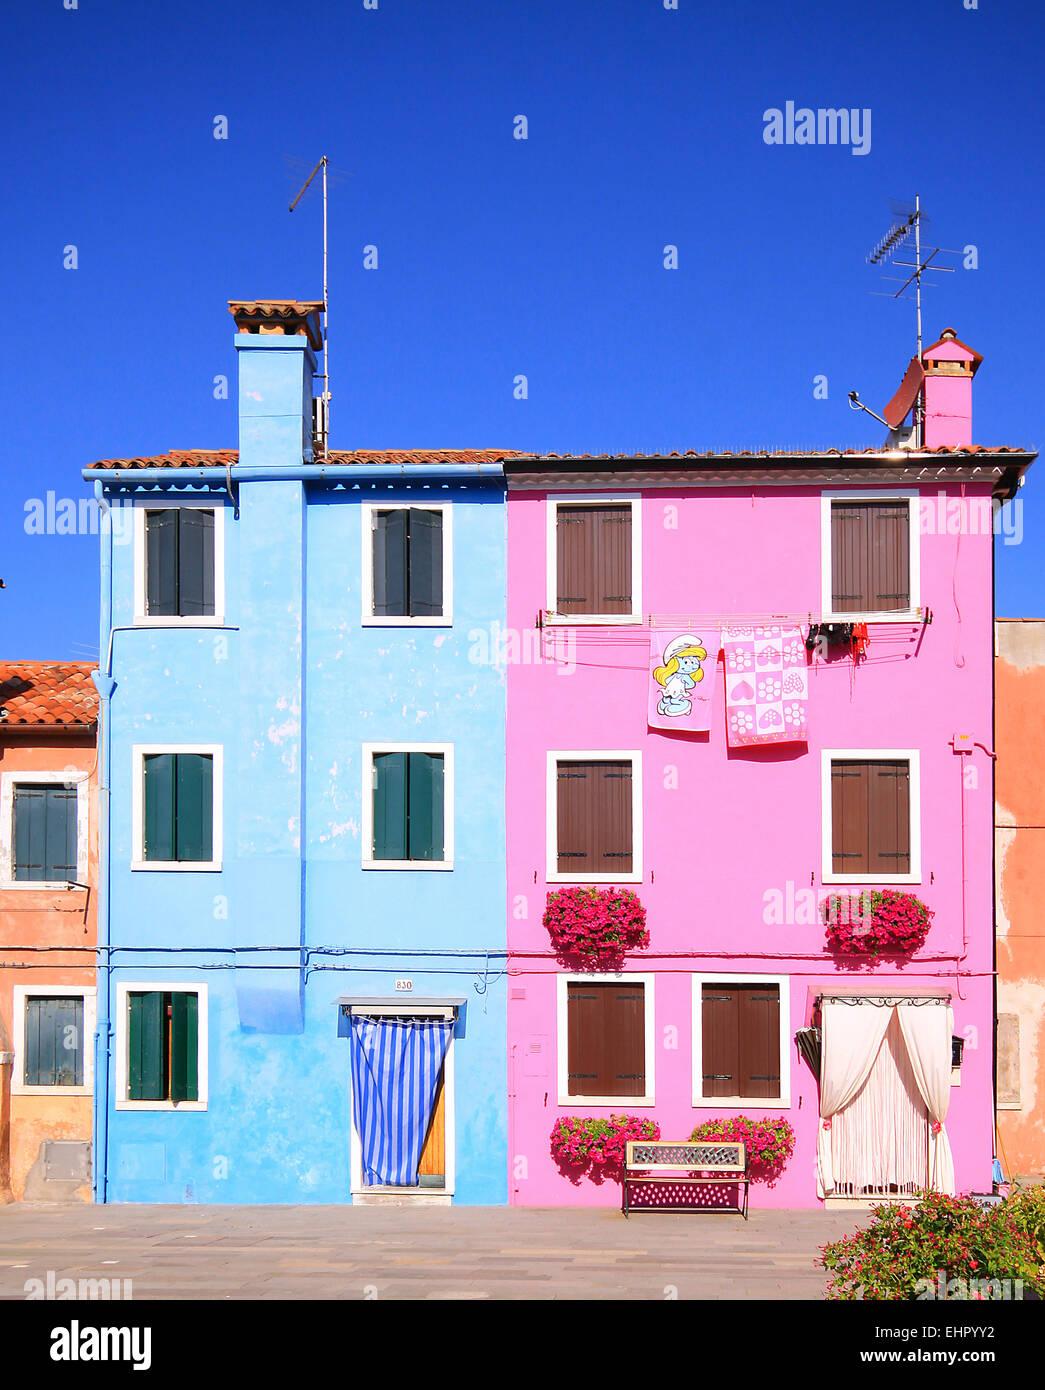 Traditional Stucco Houses Stock Photos & Traditional Stucco Houses ...